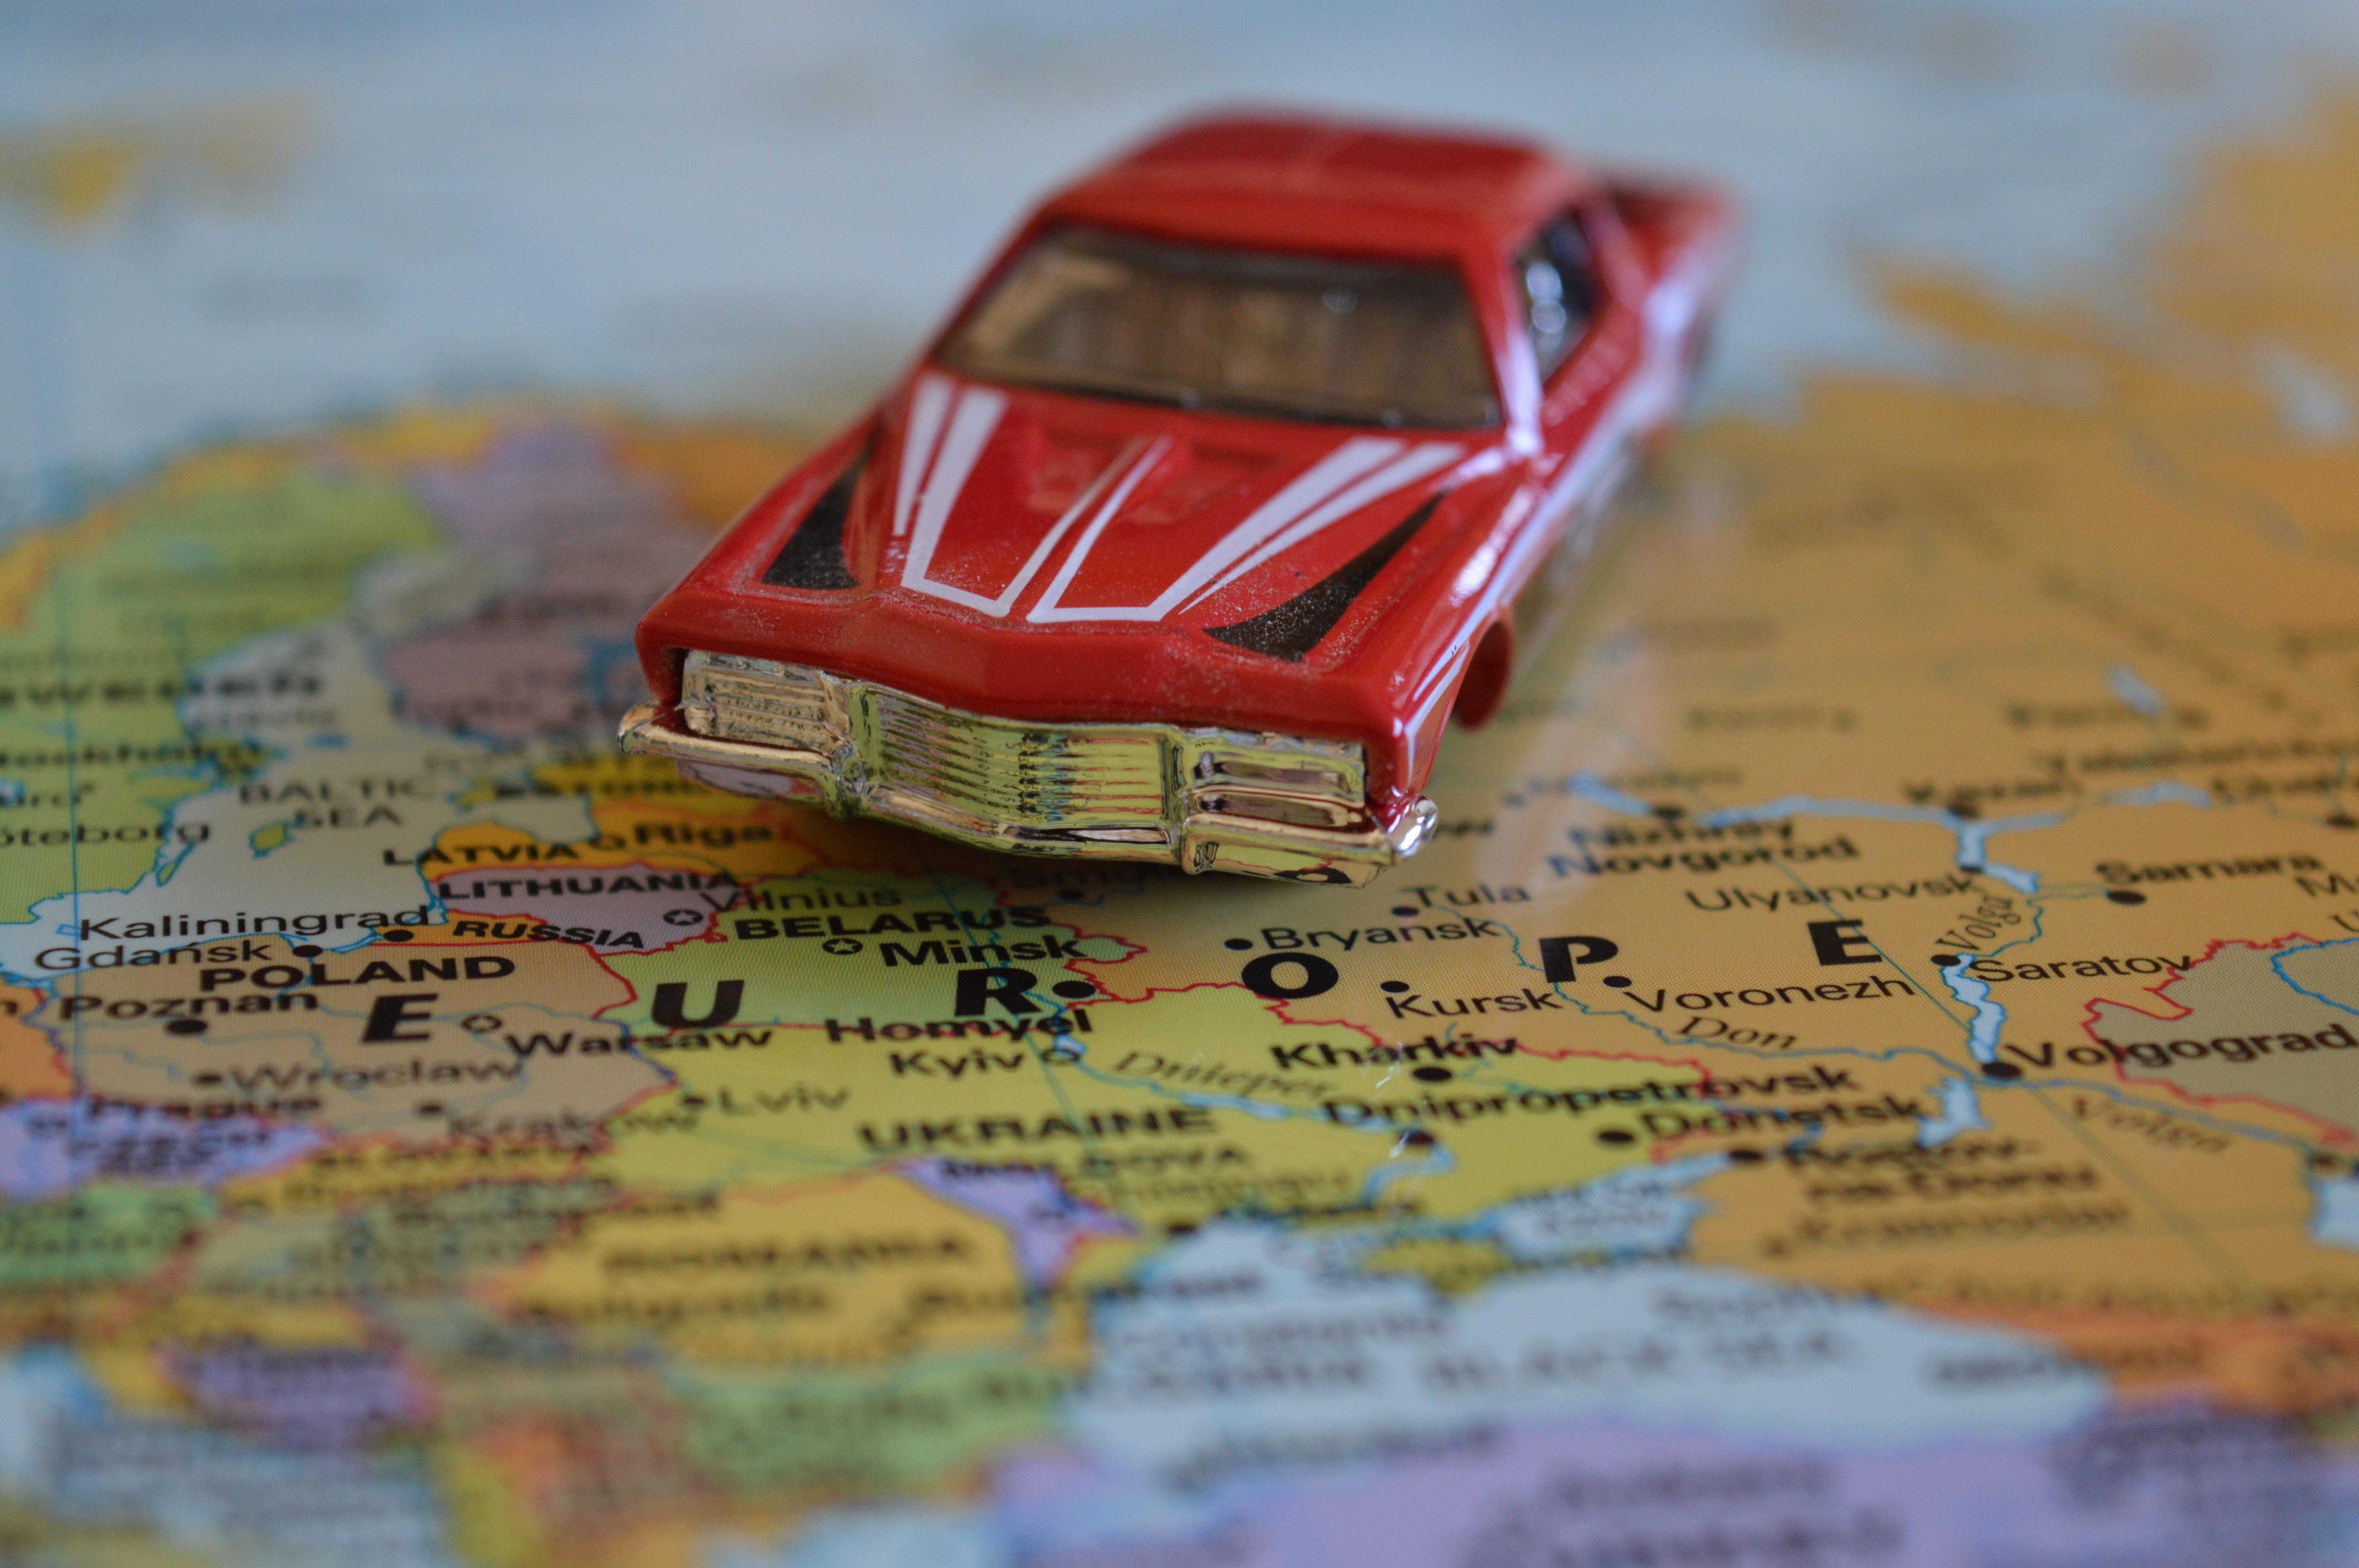 free images car driving transportation europe. Black Bedroom Furniture Sets. Home Design Ideas